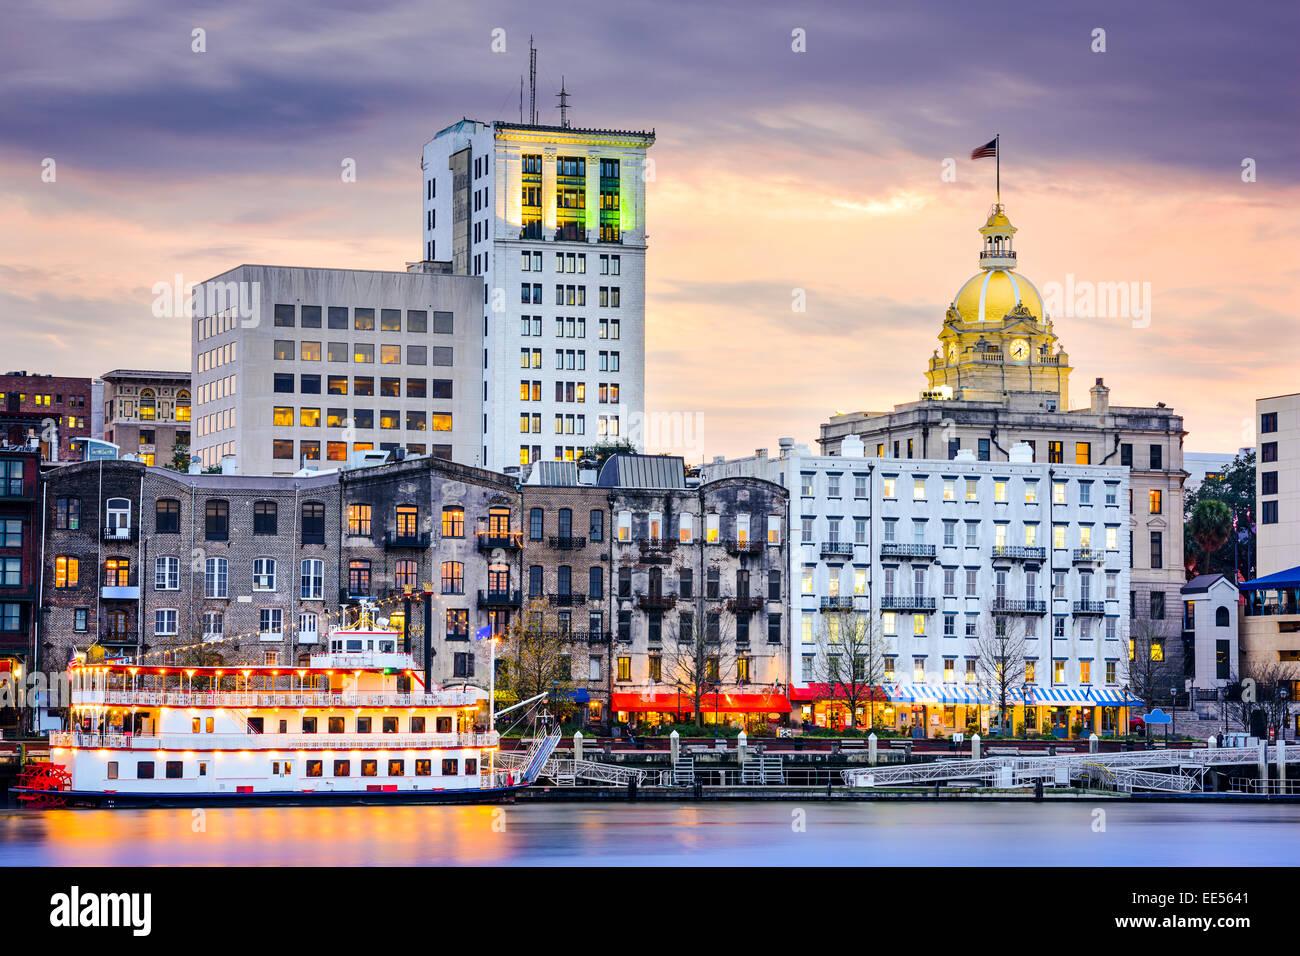 Savannah, Georgia, USA downtown skyline. - Stock Image